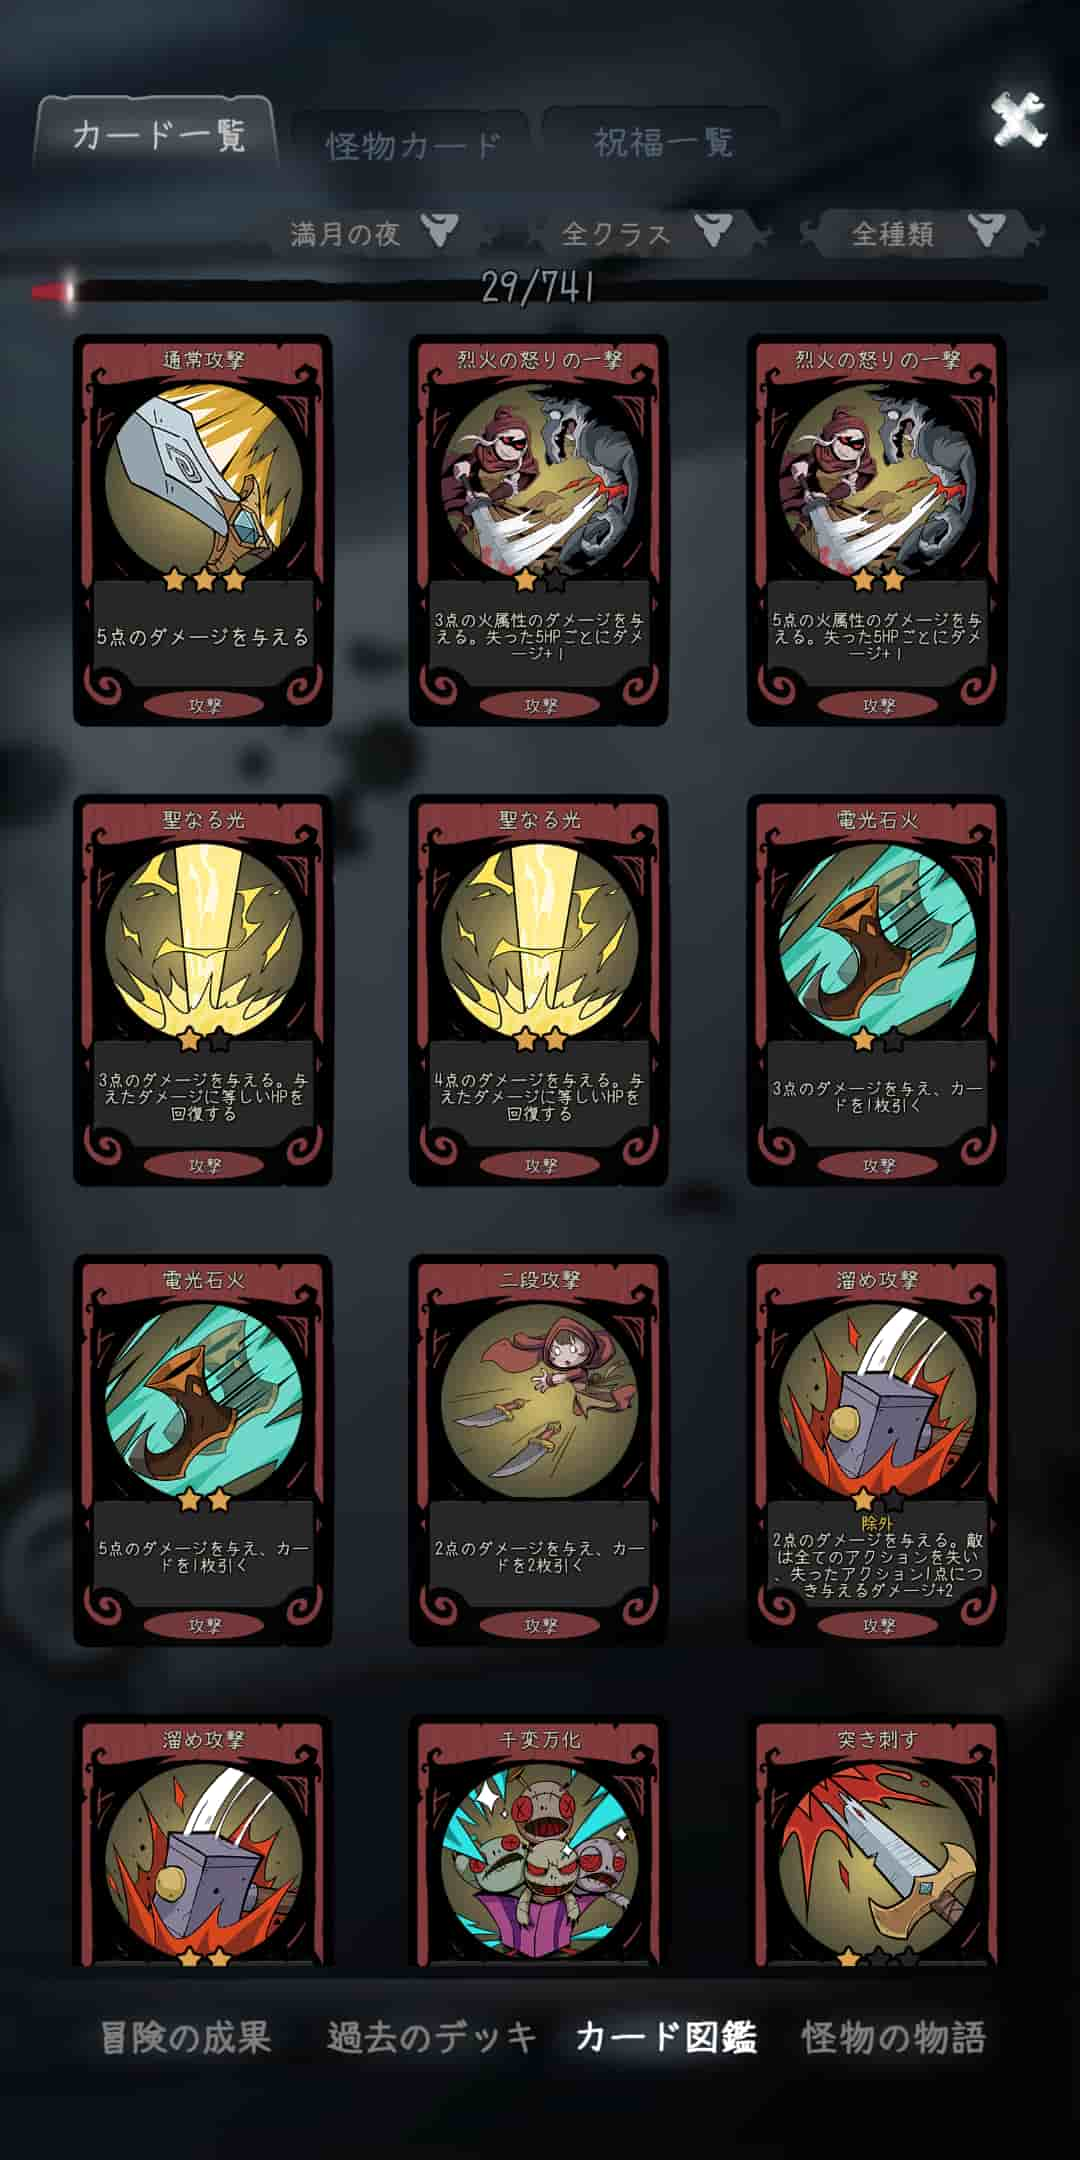 満月の夜、カードの種類は400枚以上